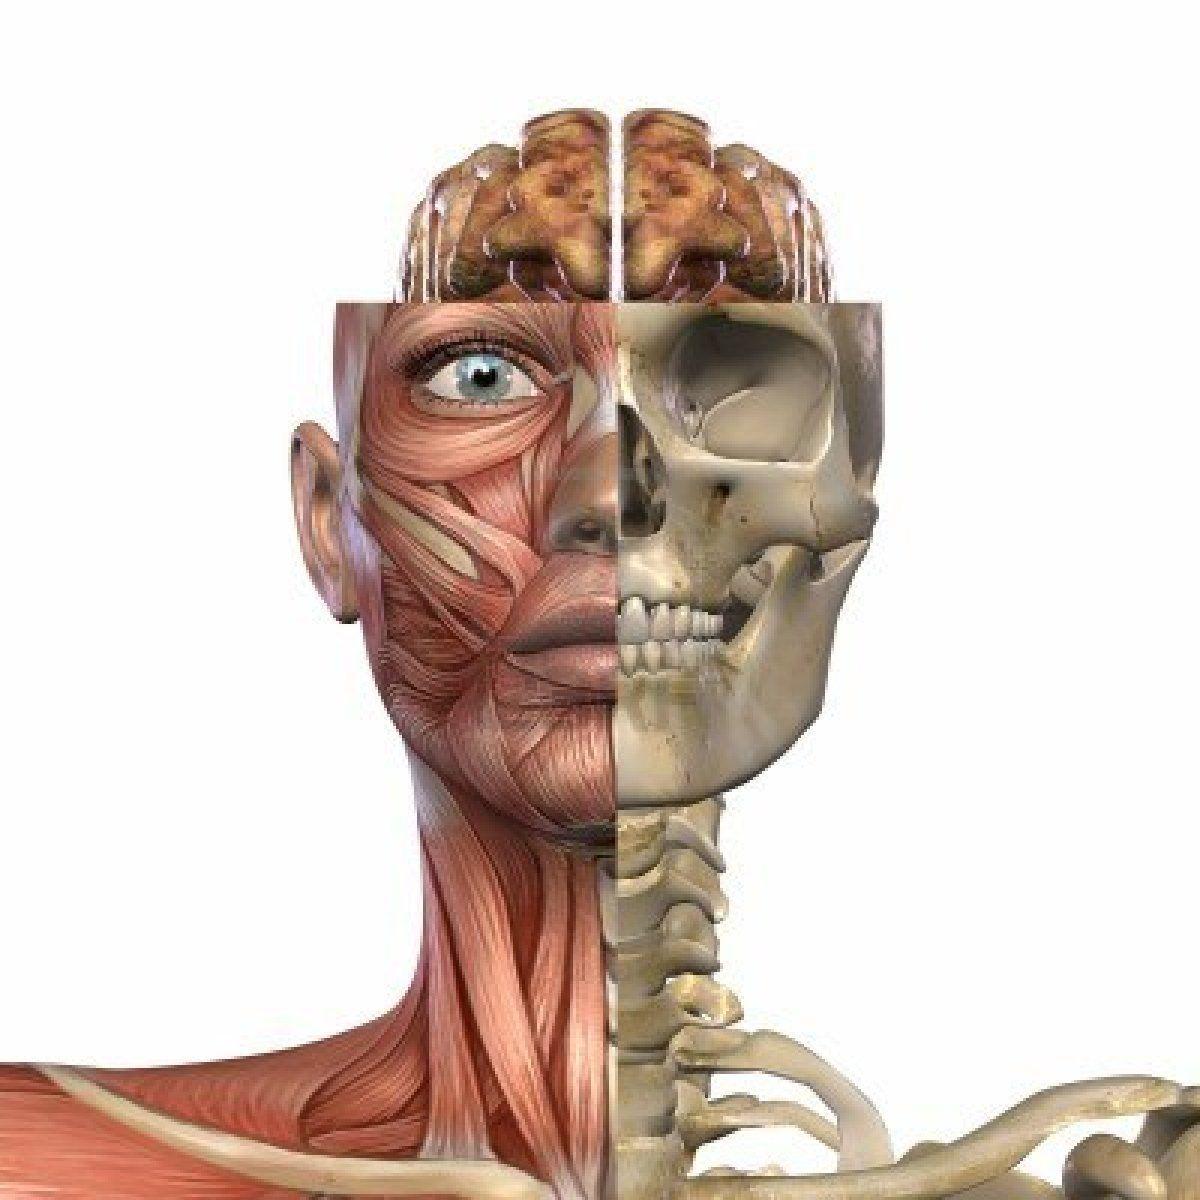 Naturaclass Online: Anatomía y Fisiología Humana | ANATOMIA ...